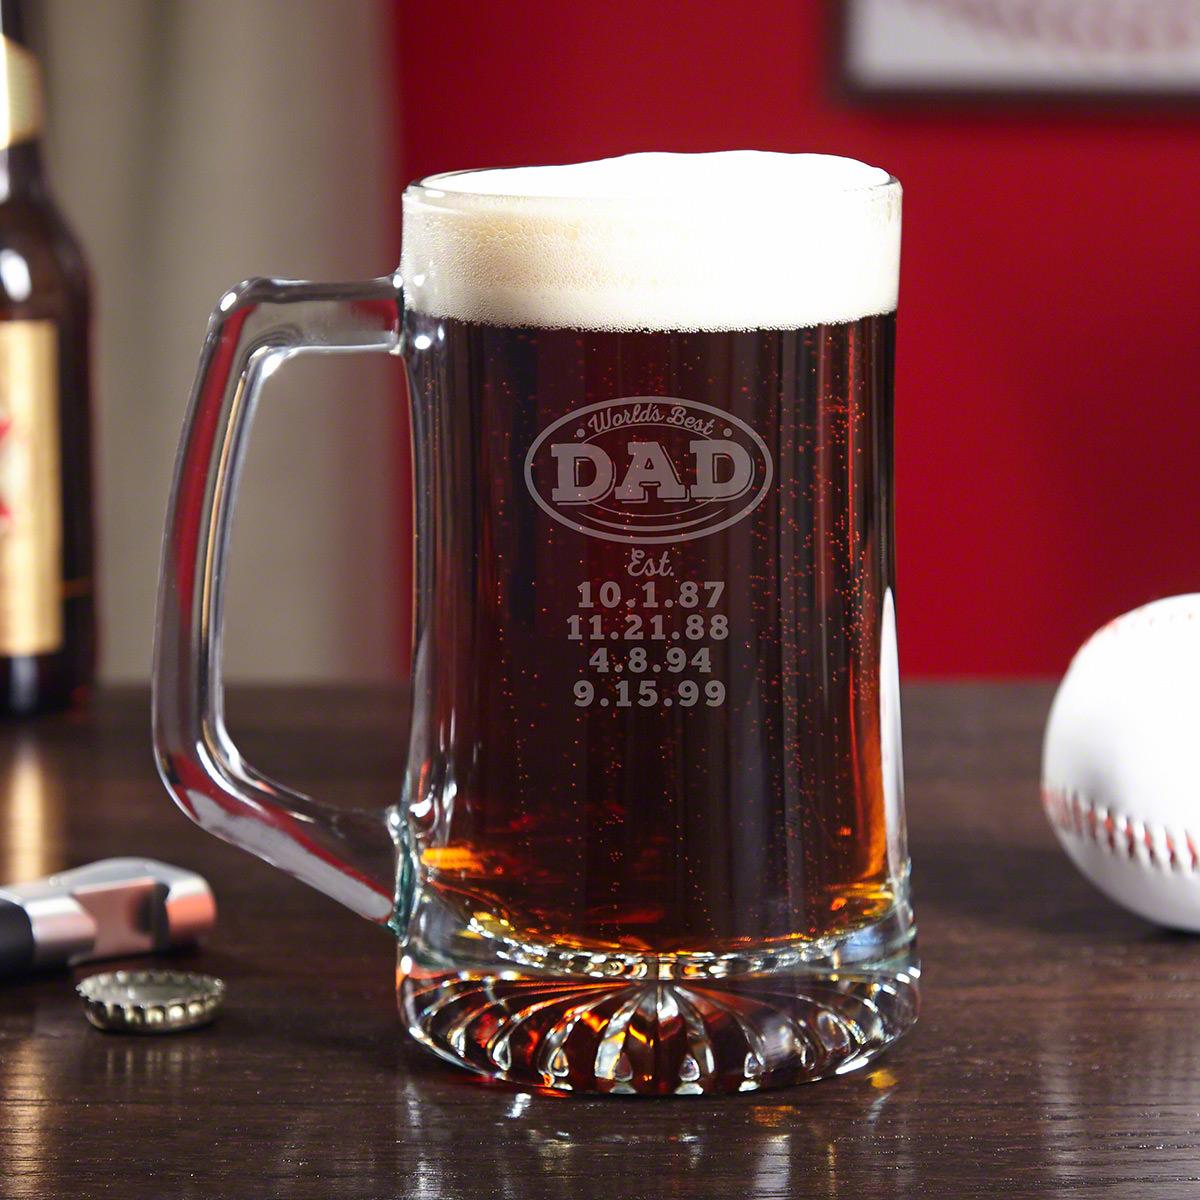 World's Best Dad - Engraved Beer Mug Gift for Dads